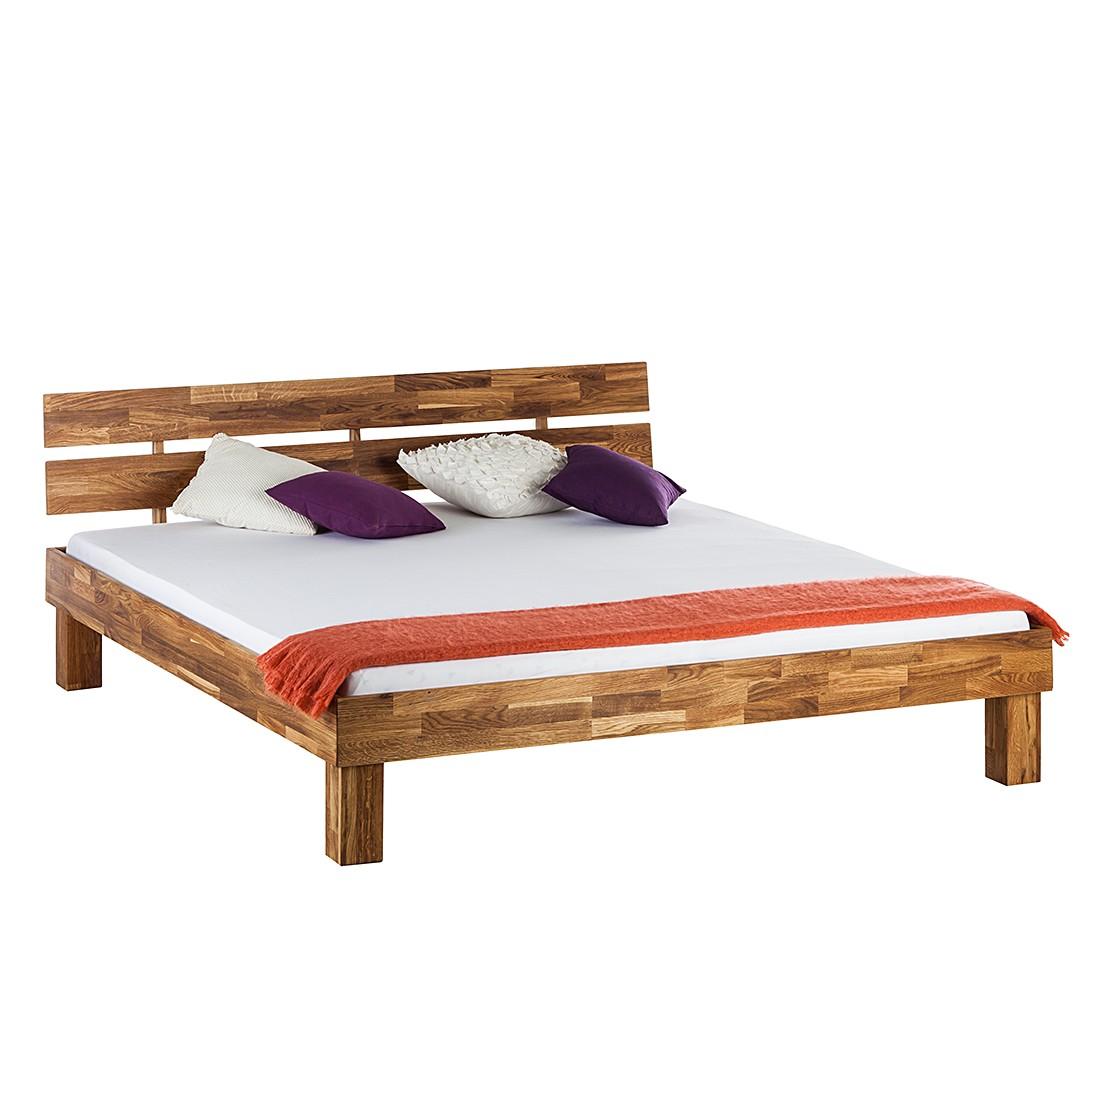 goedkoop Massief houten bed AresWOOD 140 x 190cm Met hoofdeinde Eikenhout Ars Natura